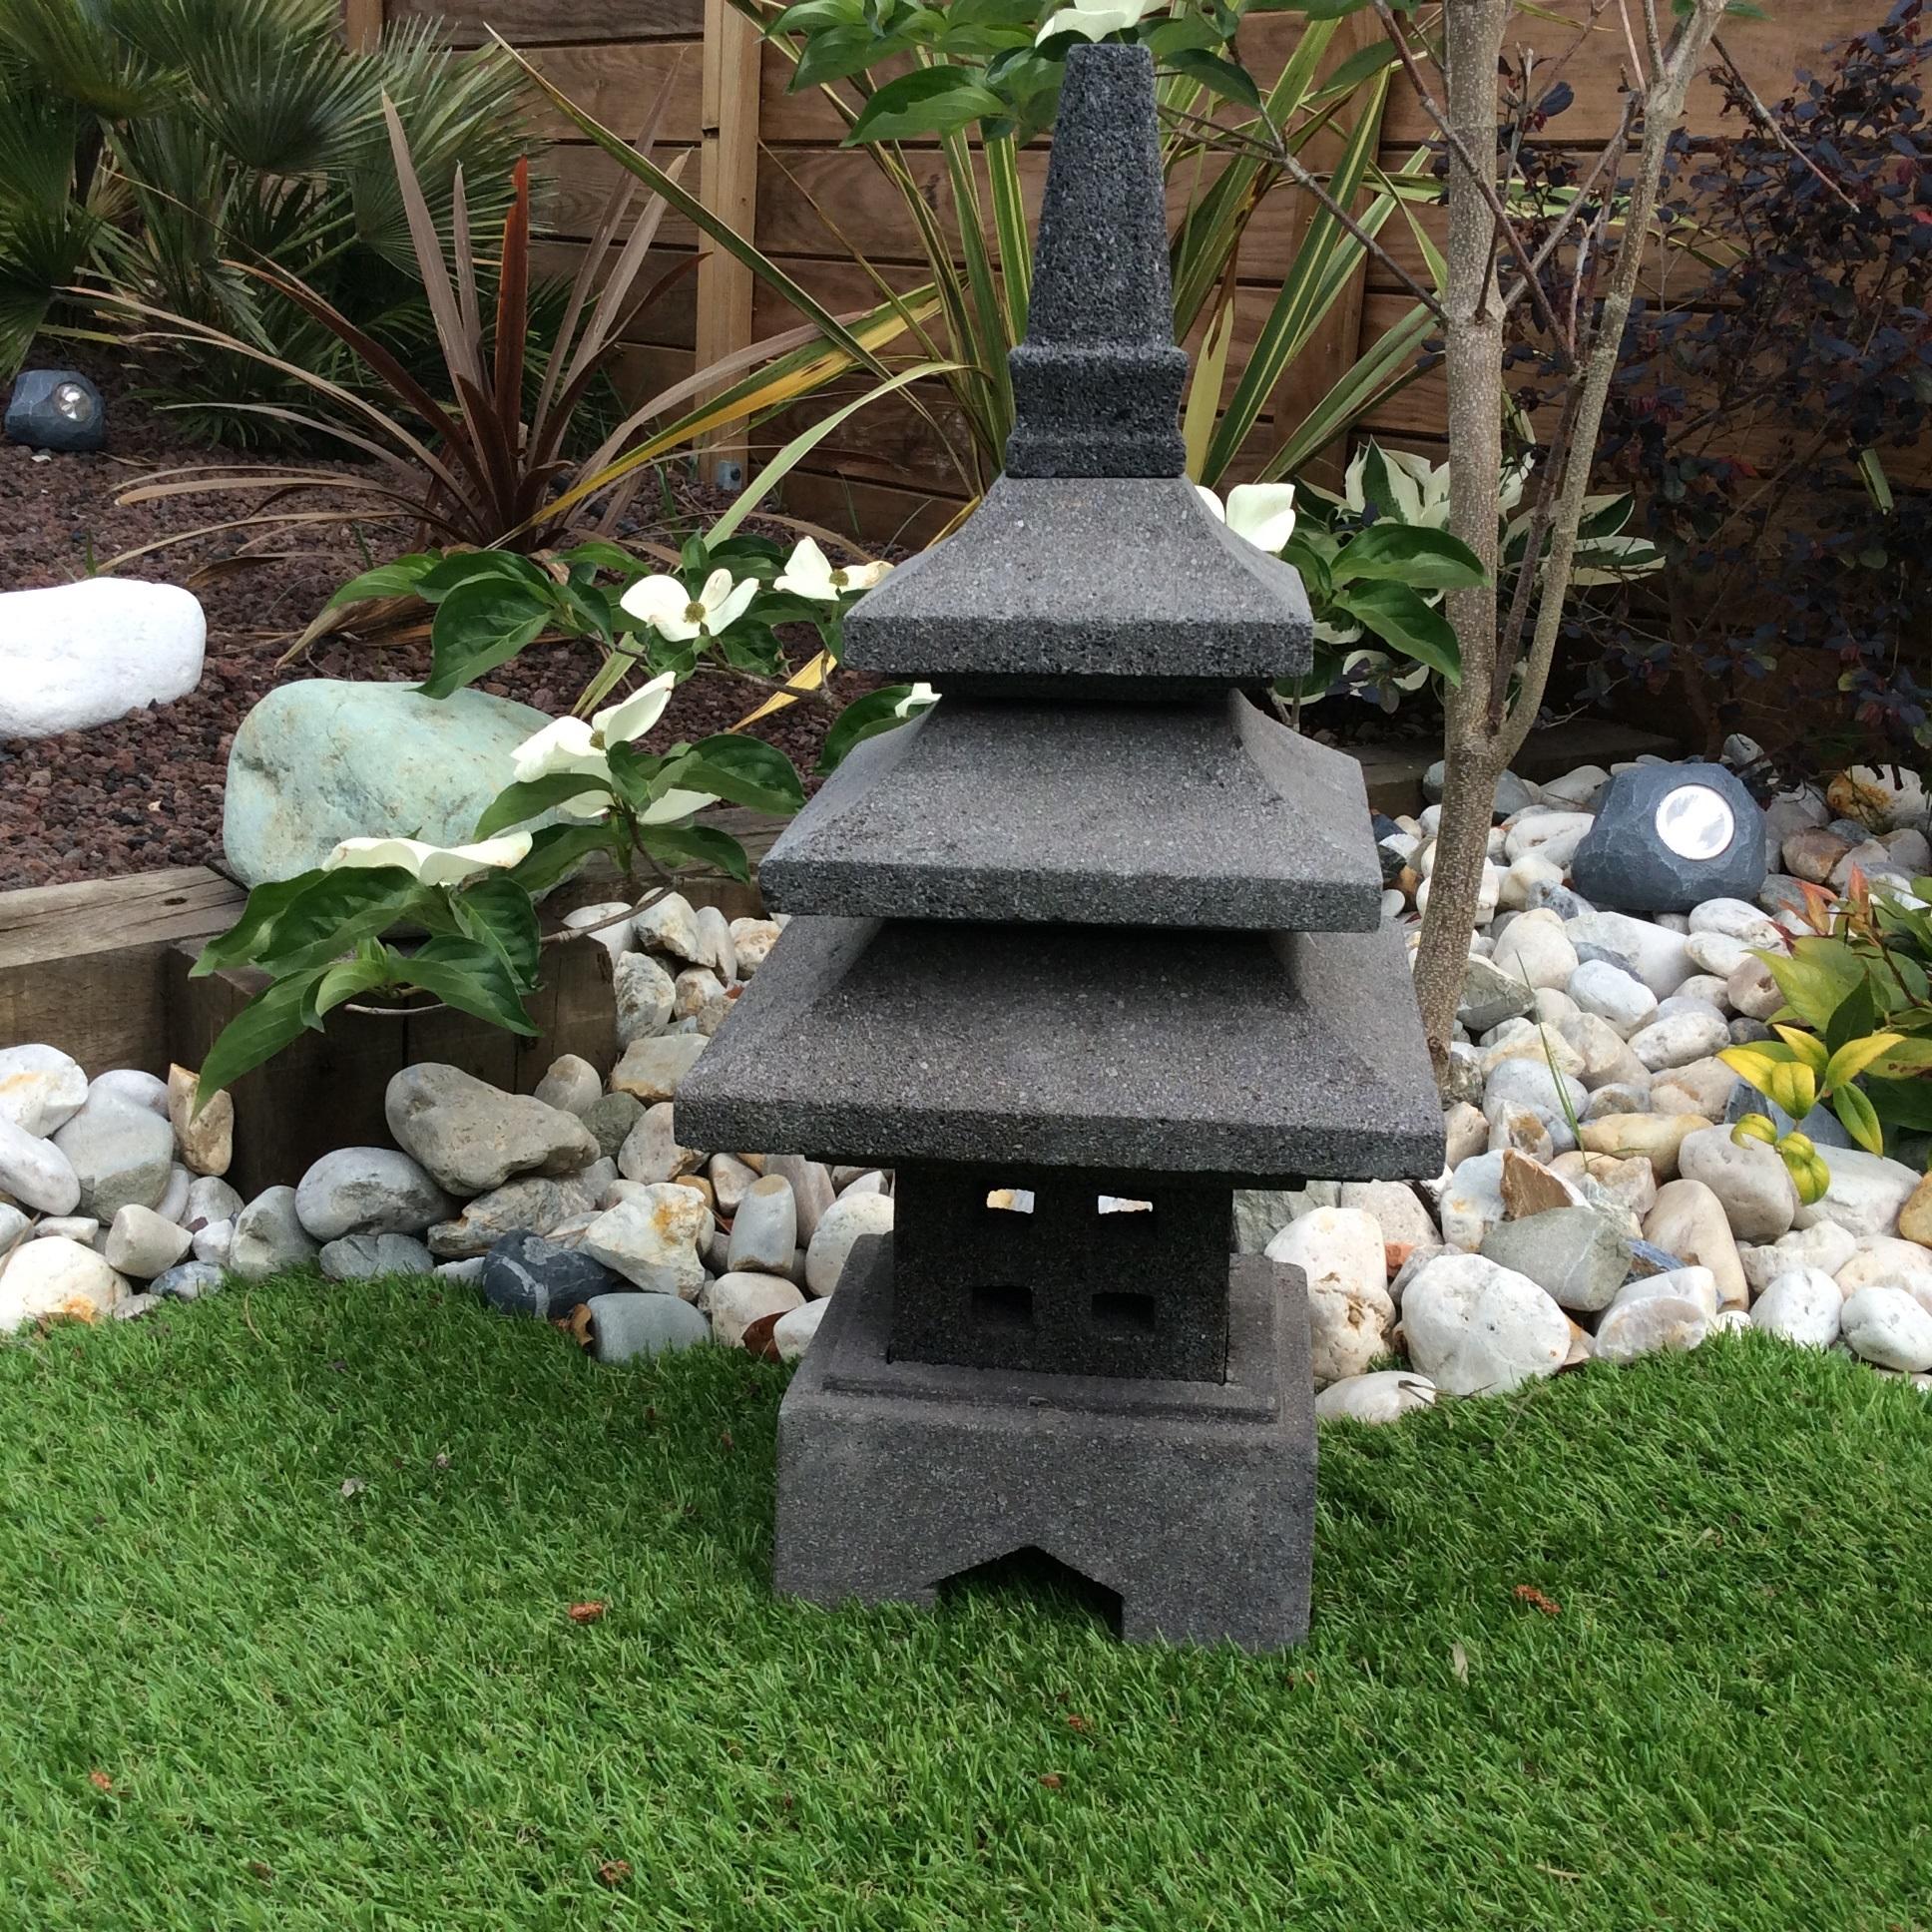 Lampe jardin lanterne japonaise en pierre de lave 55 cm - Lanterne de jardinidees deco de jardin avec des lanternes ...